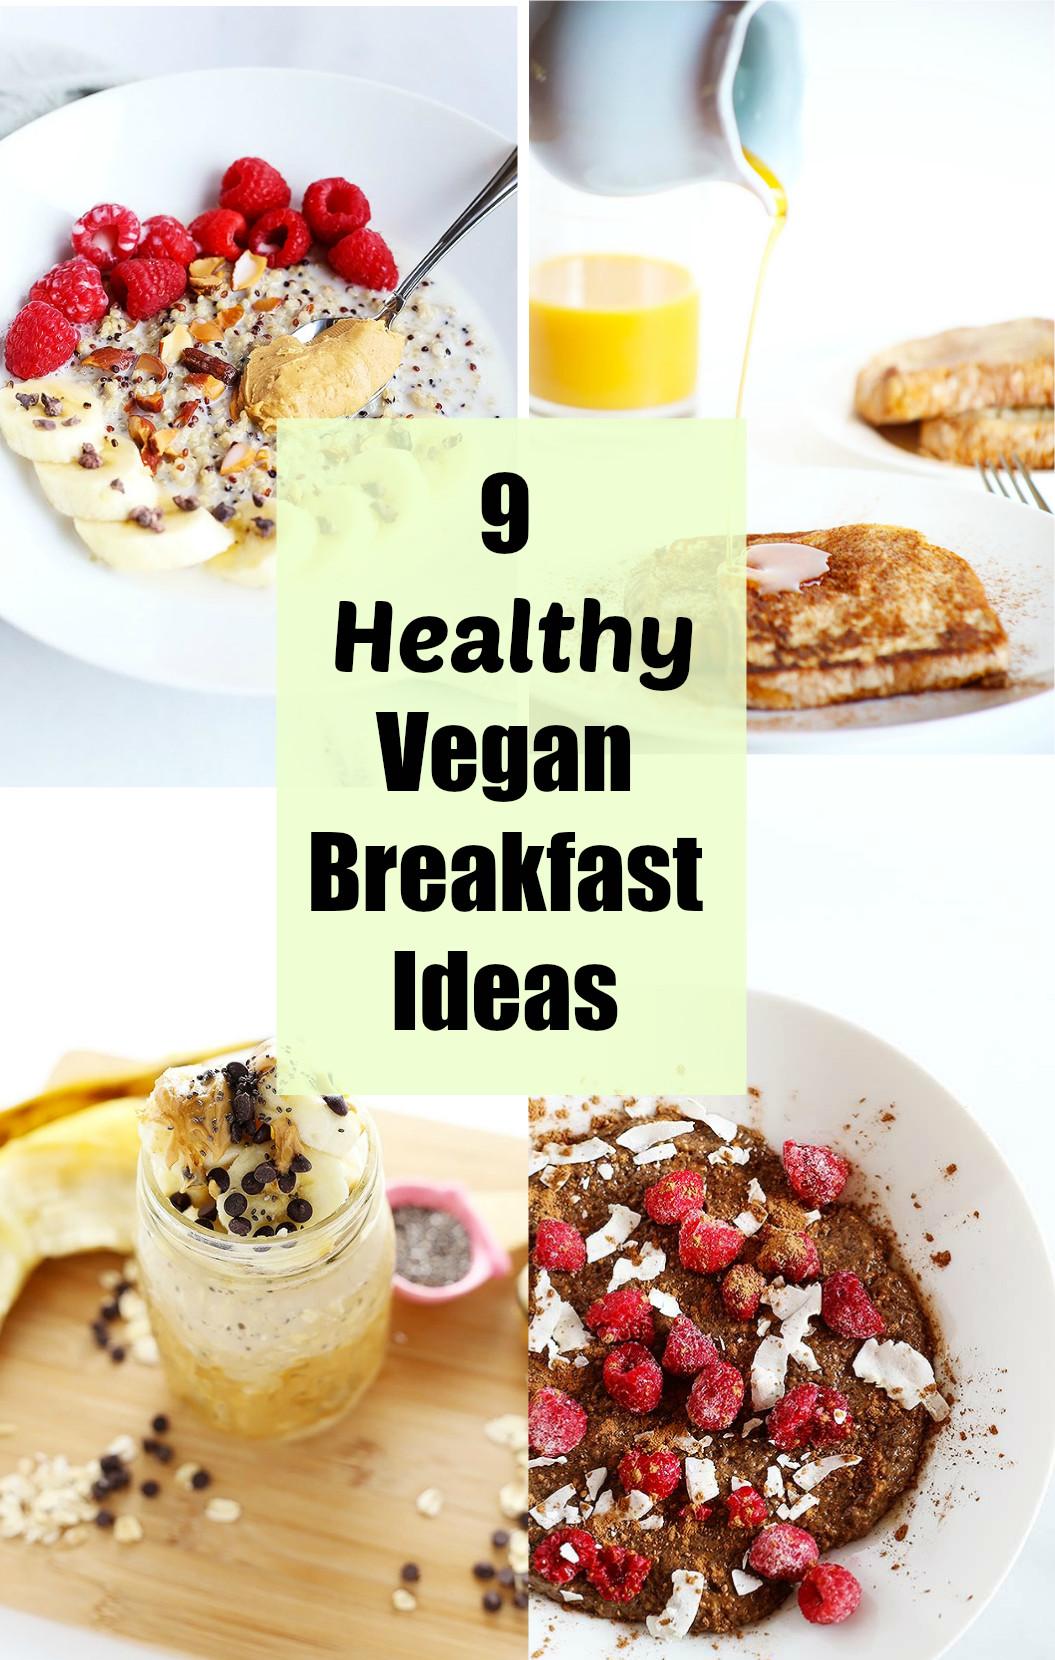 Healthy Vegetarian Breakfast Ideas  9 Healthy Vegan Breakfast Ideas TwoRaspberries